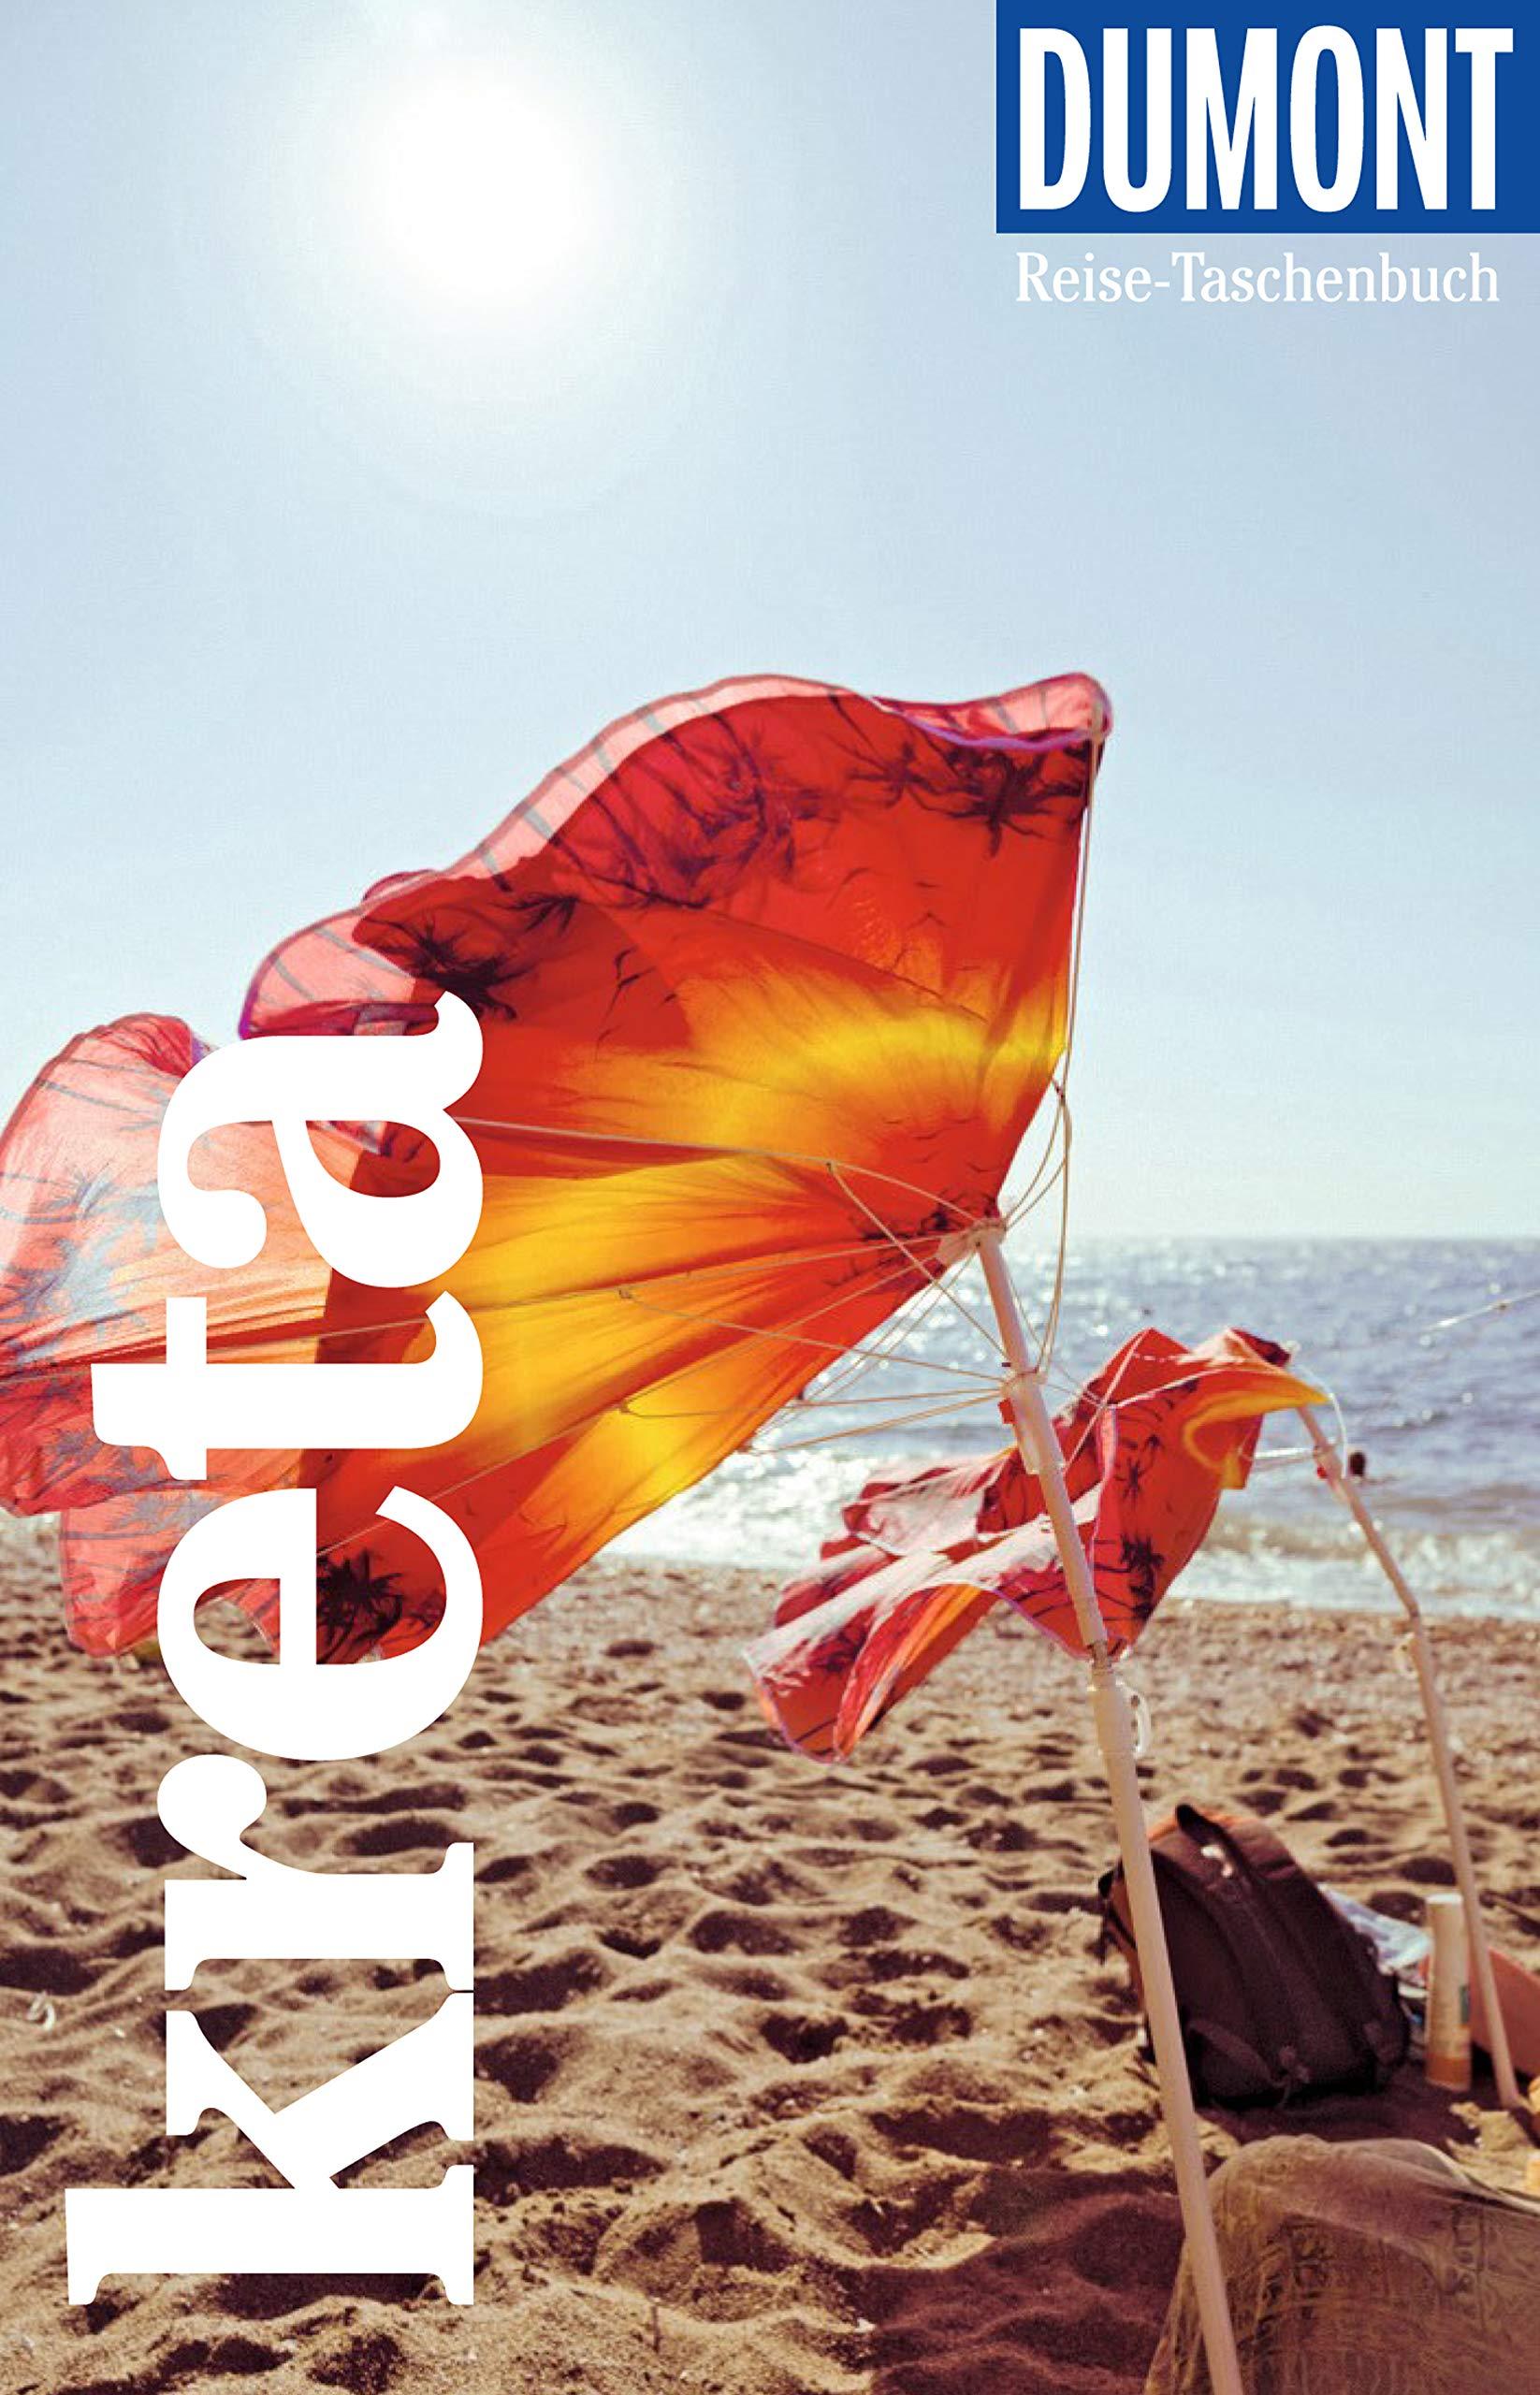 DuMont Reise-Taschenbuch Reiseführer Kreta: mit praktischen Downloads aller Karten und Grafiken (DuMont Reise-Taschenbuch E-Book)